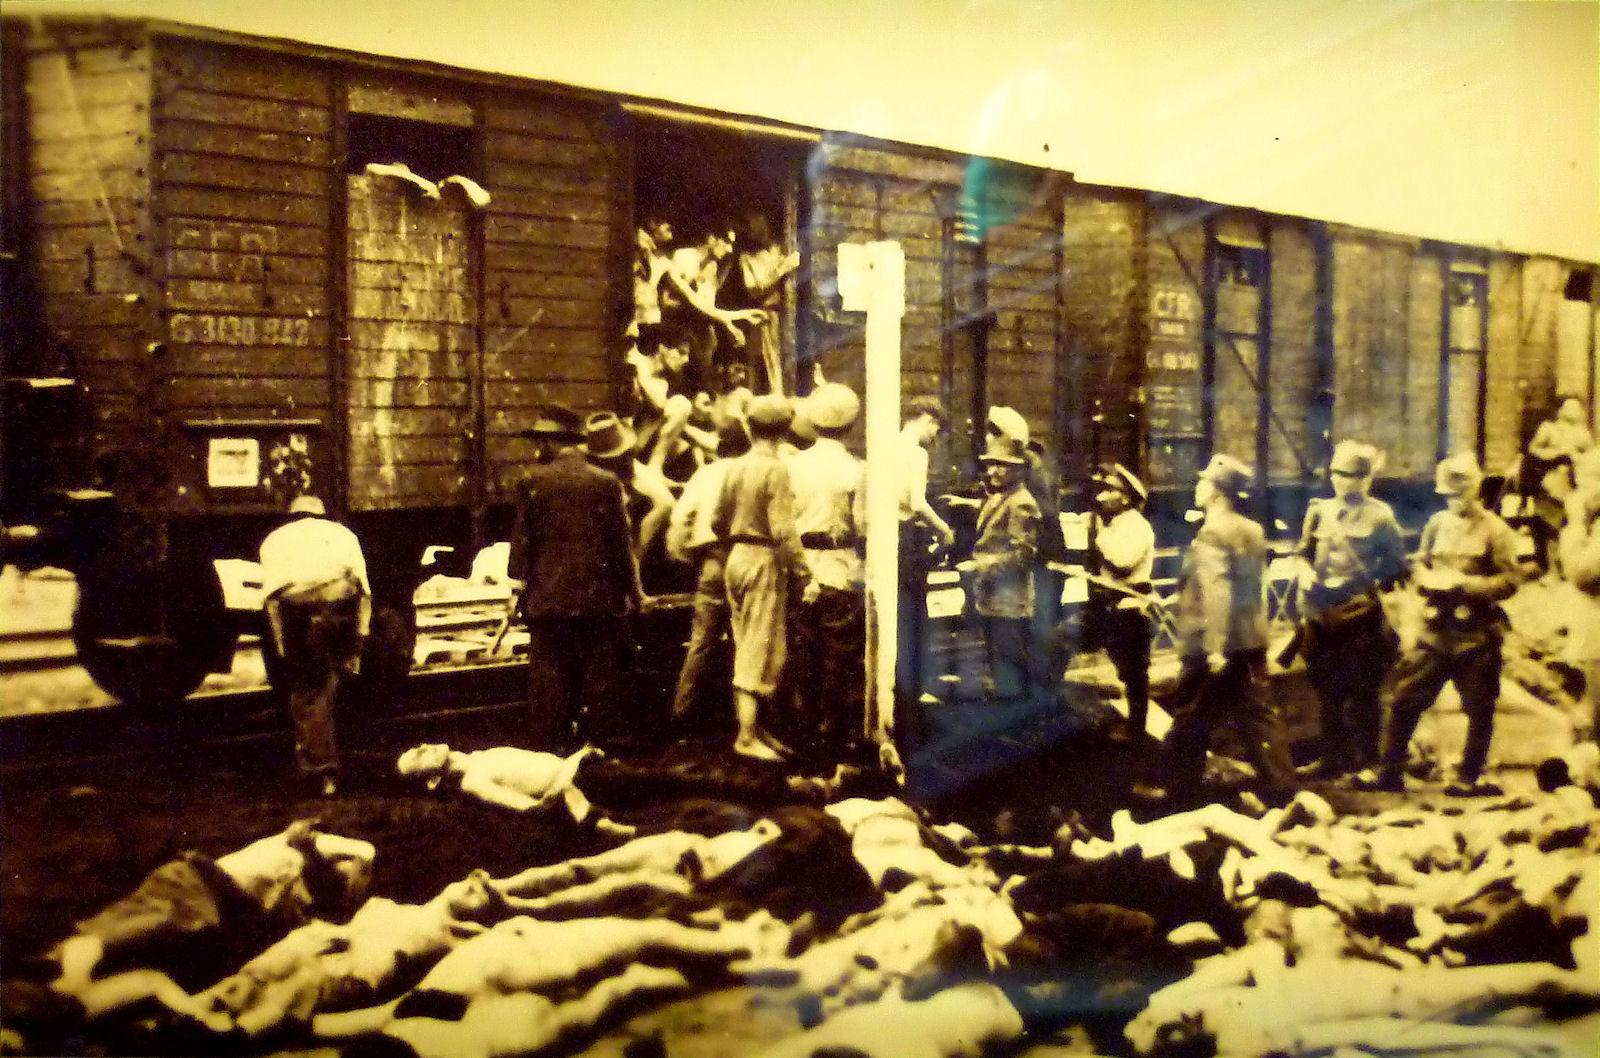 monumento-al-holocausto-berlin-2010-trenes-llenos-de-cadaveres